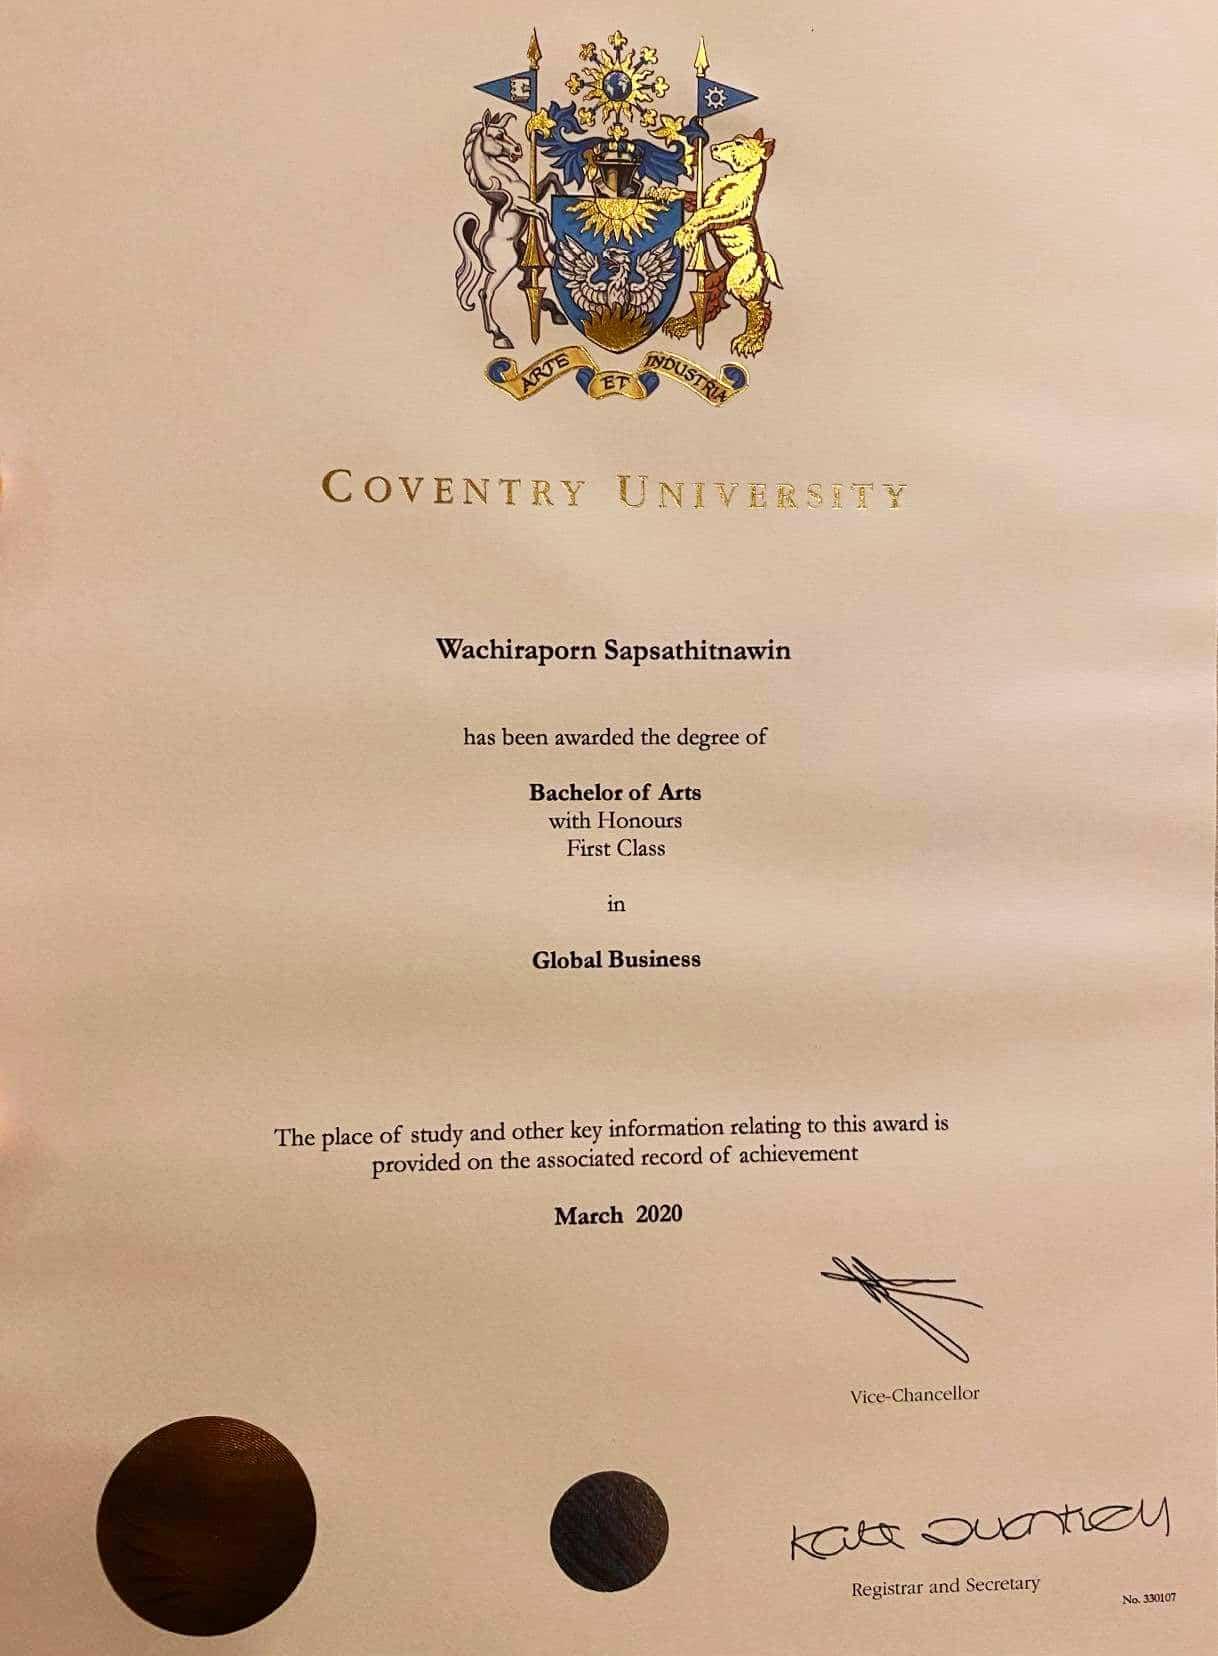 certificate of นางสาววชิราภรณ์  ทรัพย์สถิตนาวิน (ไอด้า)